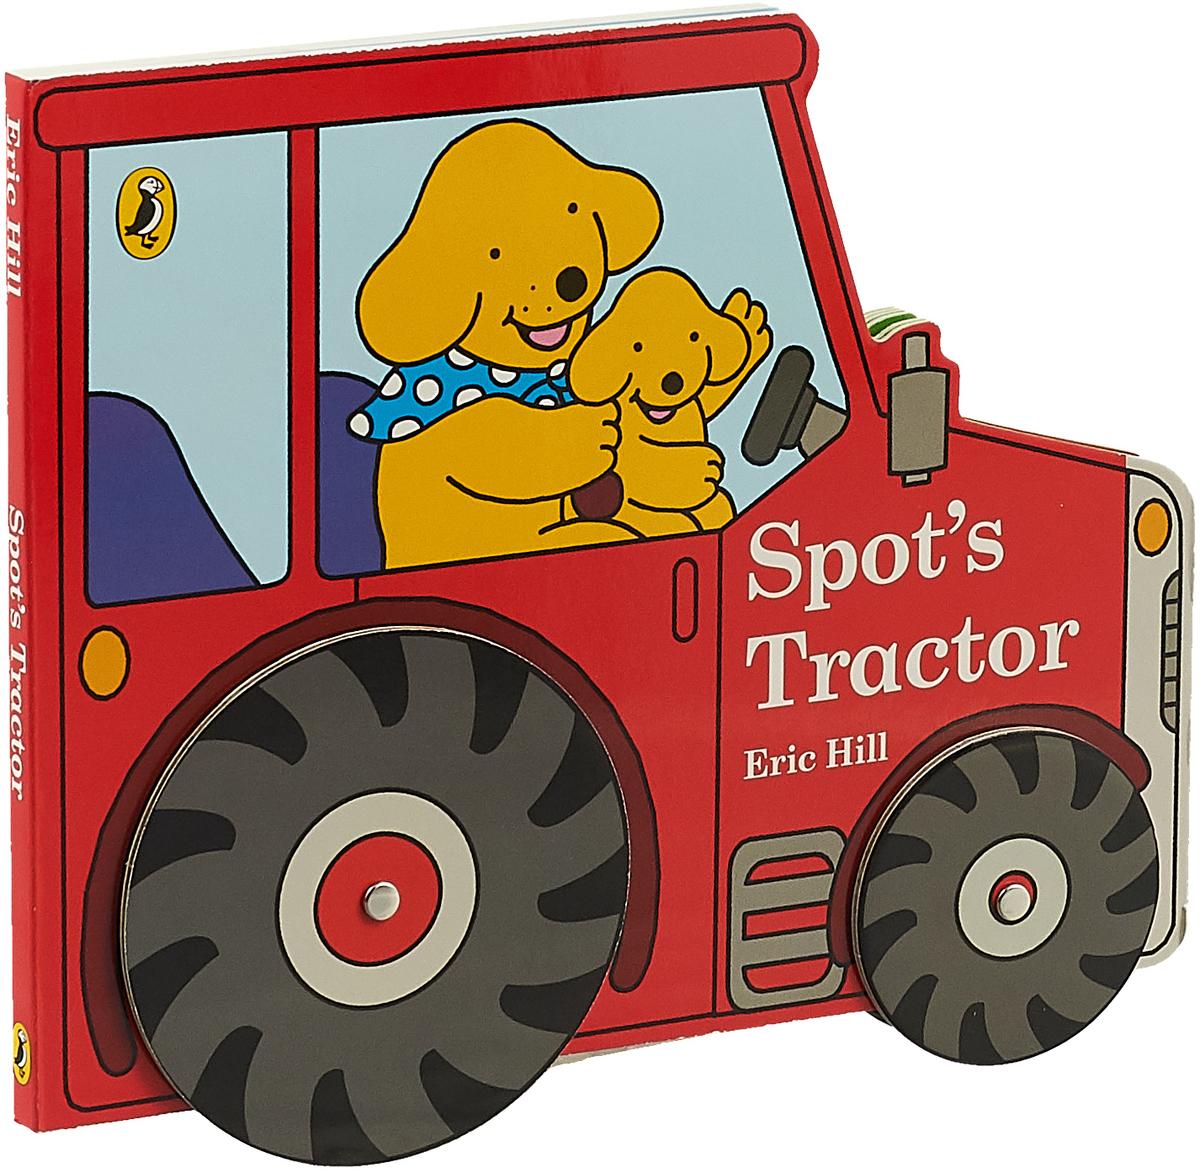 Spots Tractor no spots black